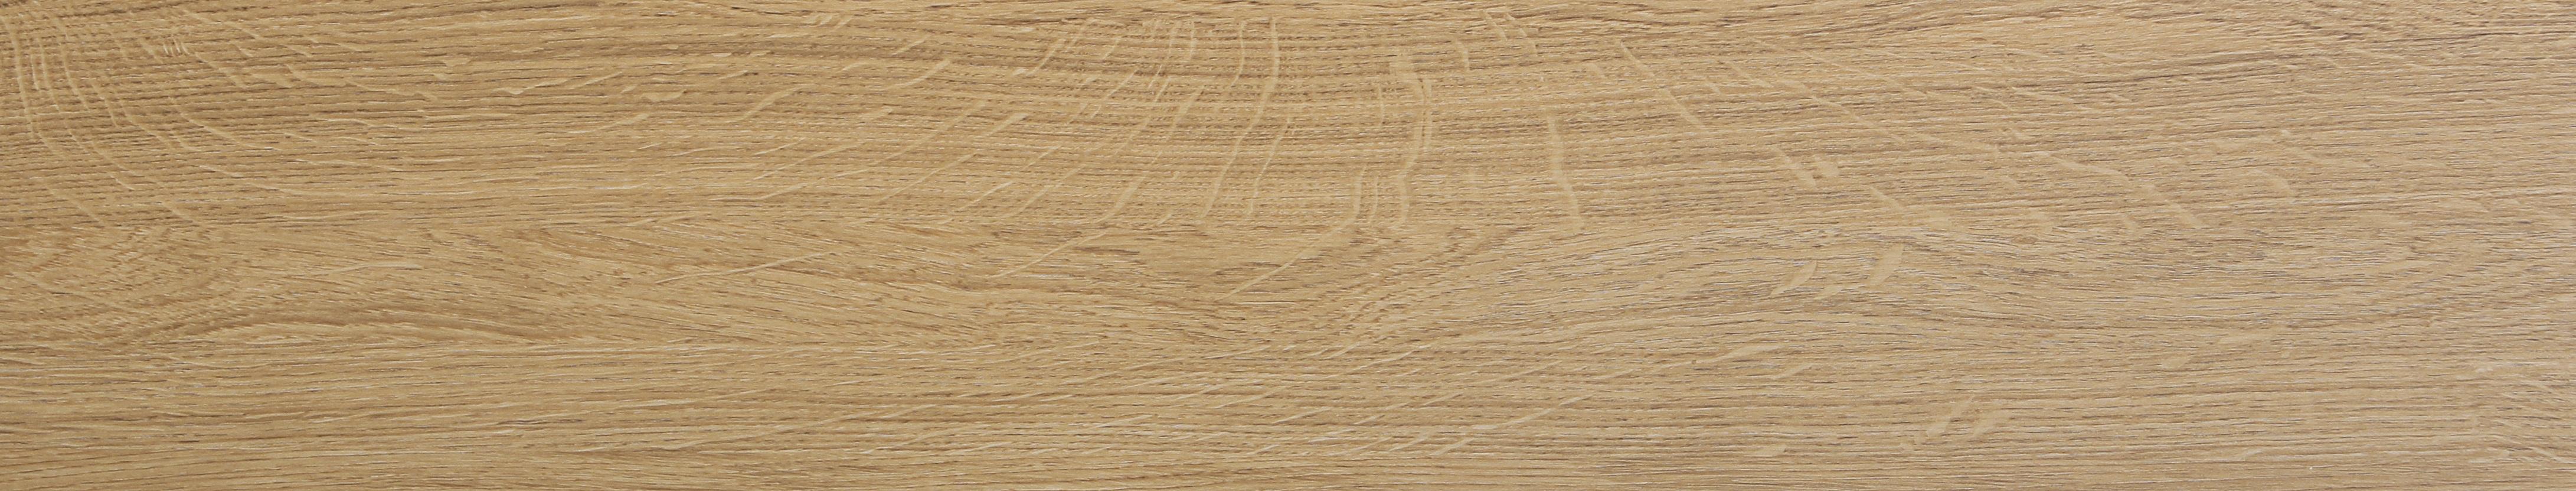 VK 5301-цена- 1195 р/кв.м.